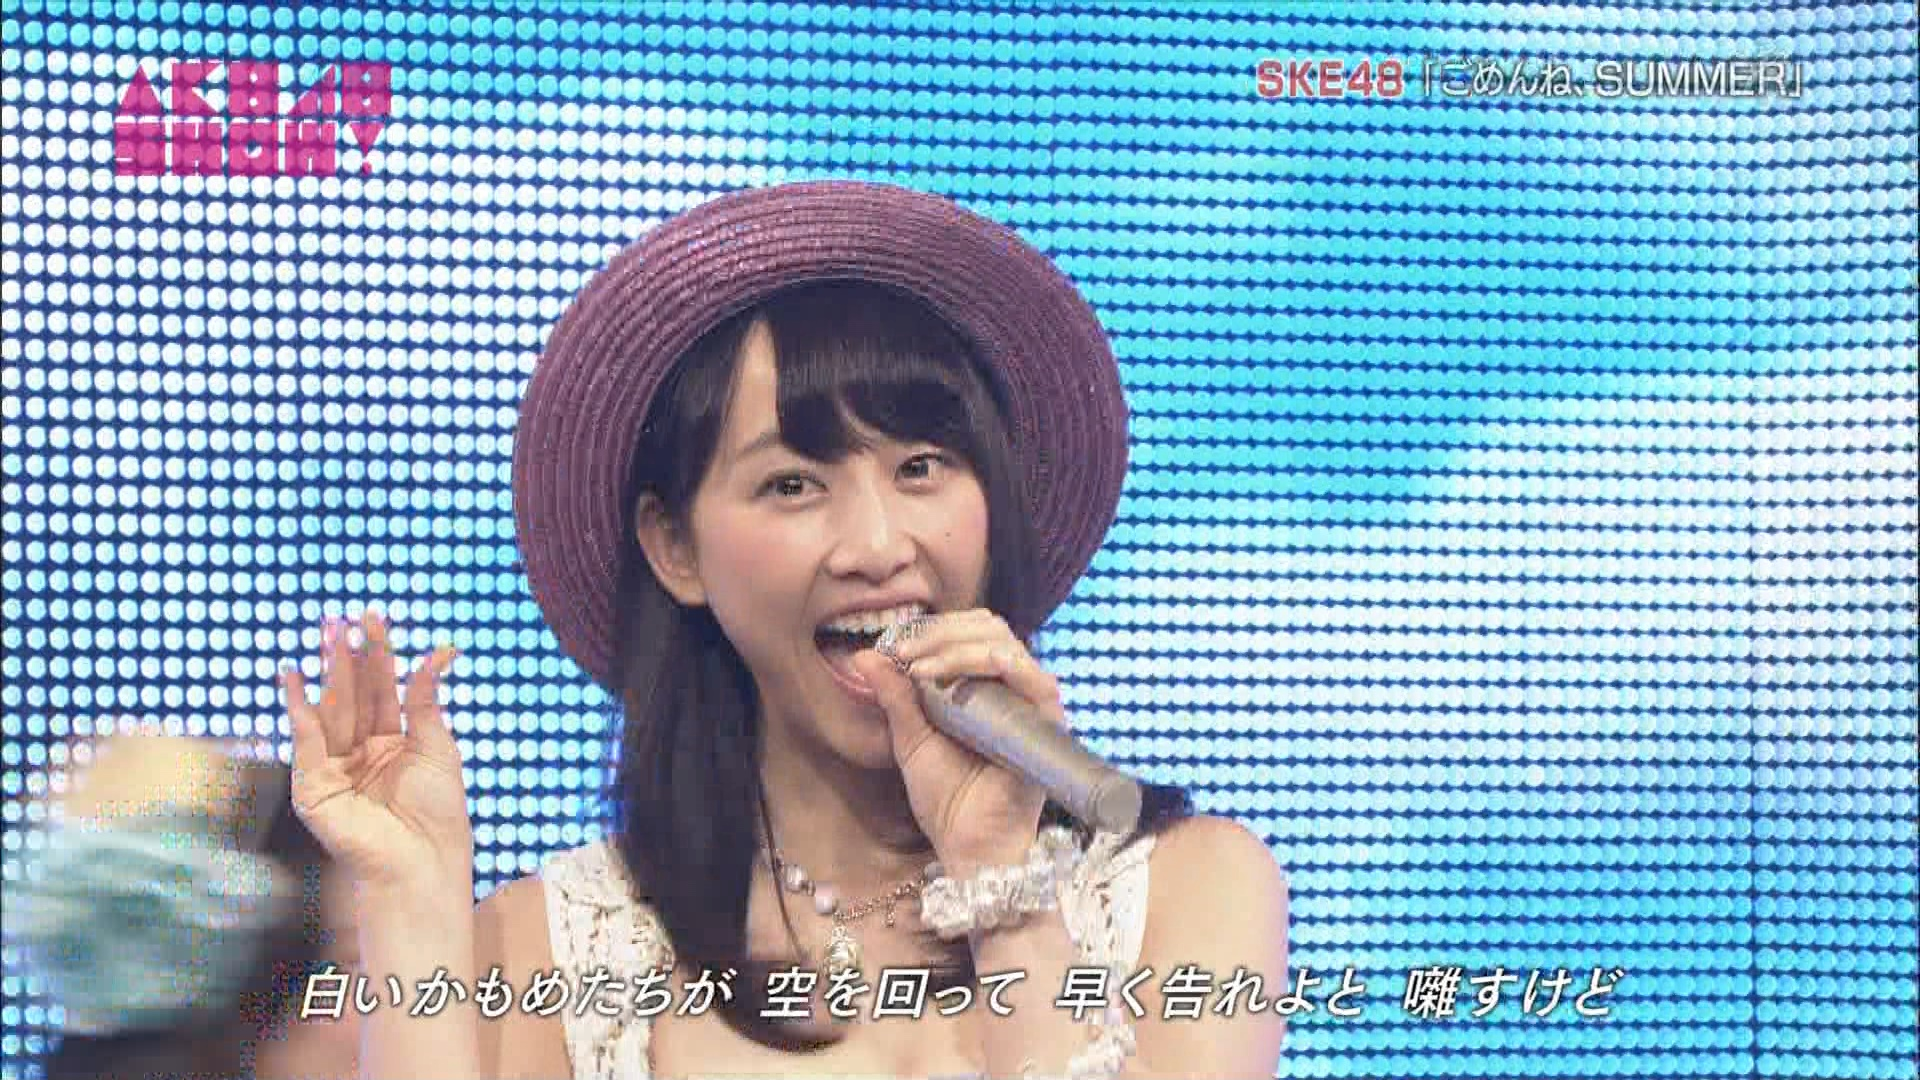 AKB48SHOW ごめんね、SUMMER 松井玲奈 20140830 (11)